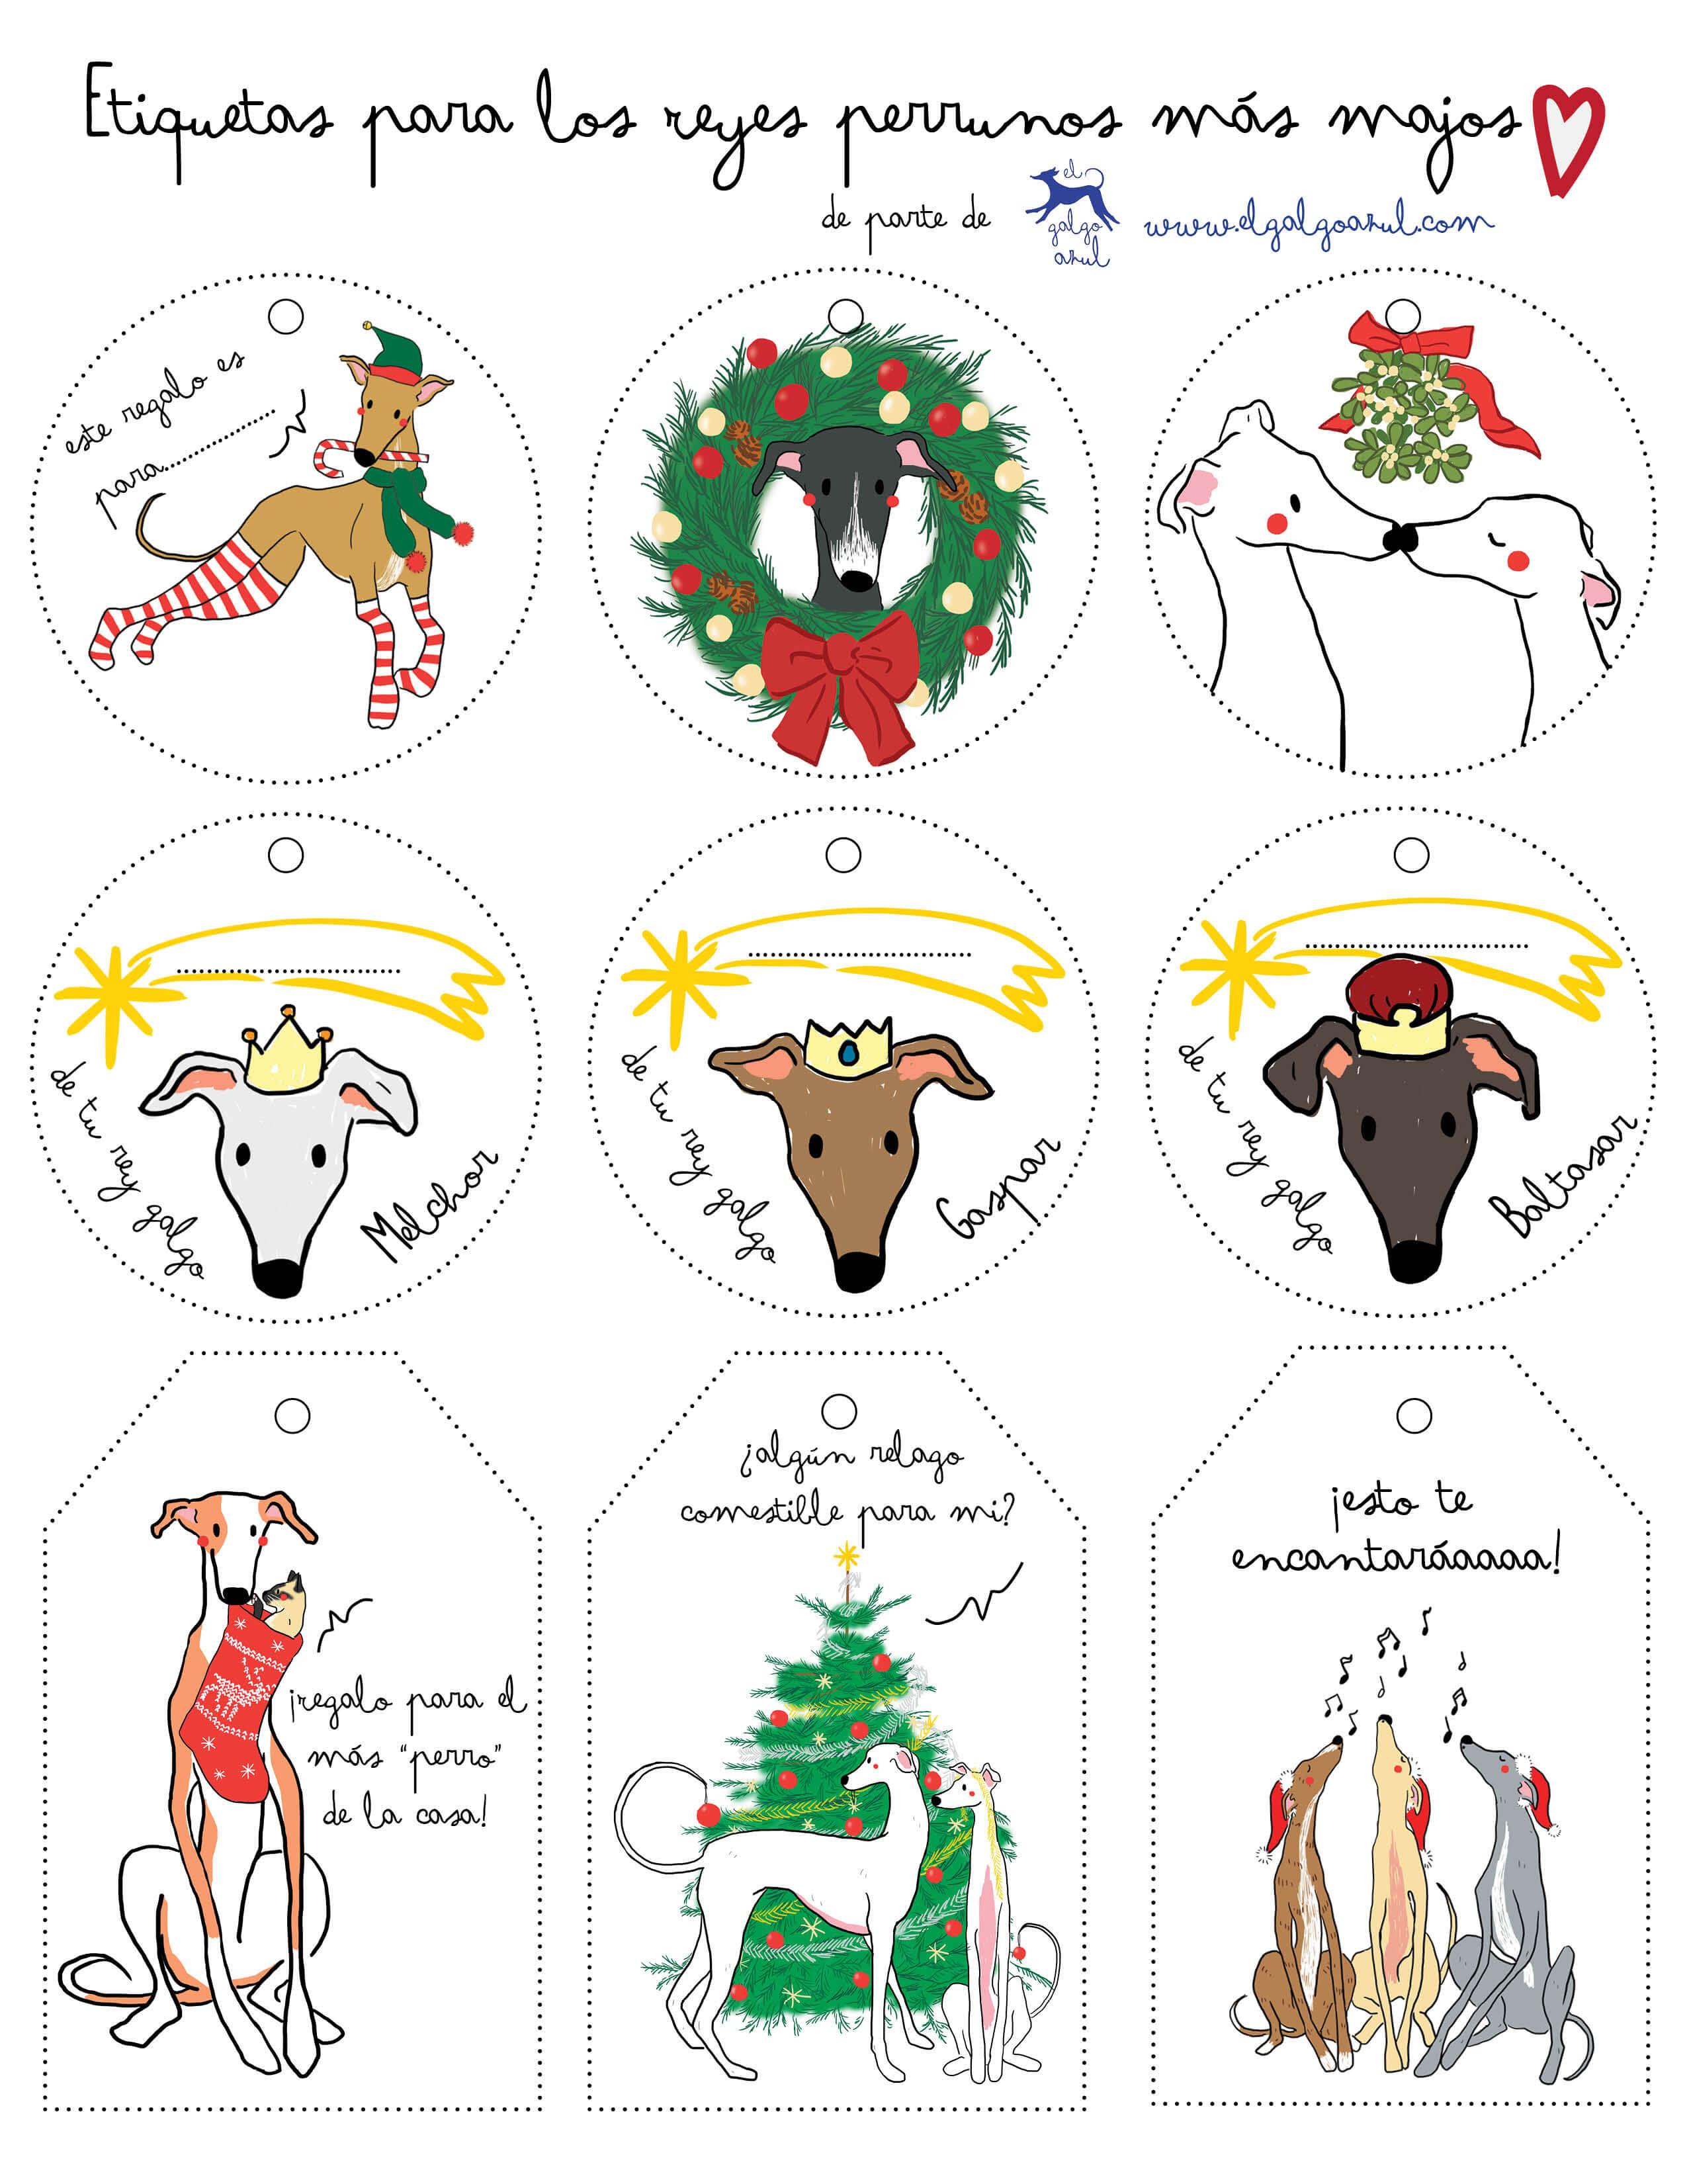 etiquetasnavidad2015